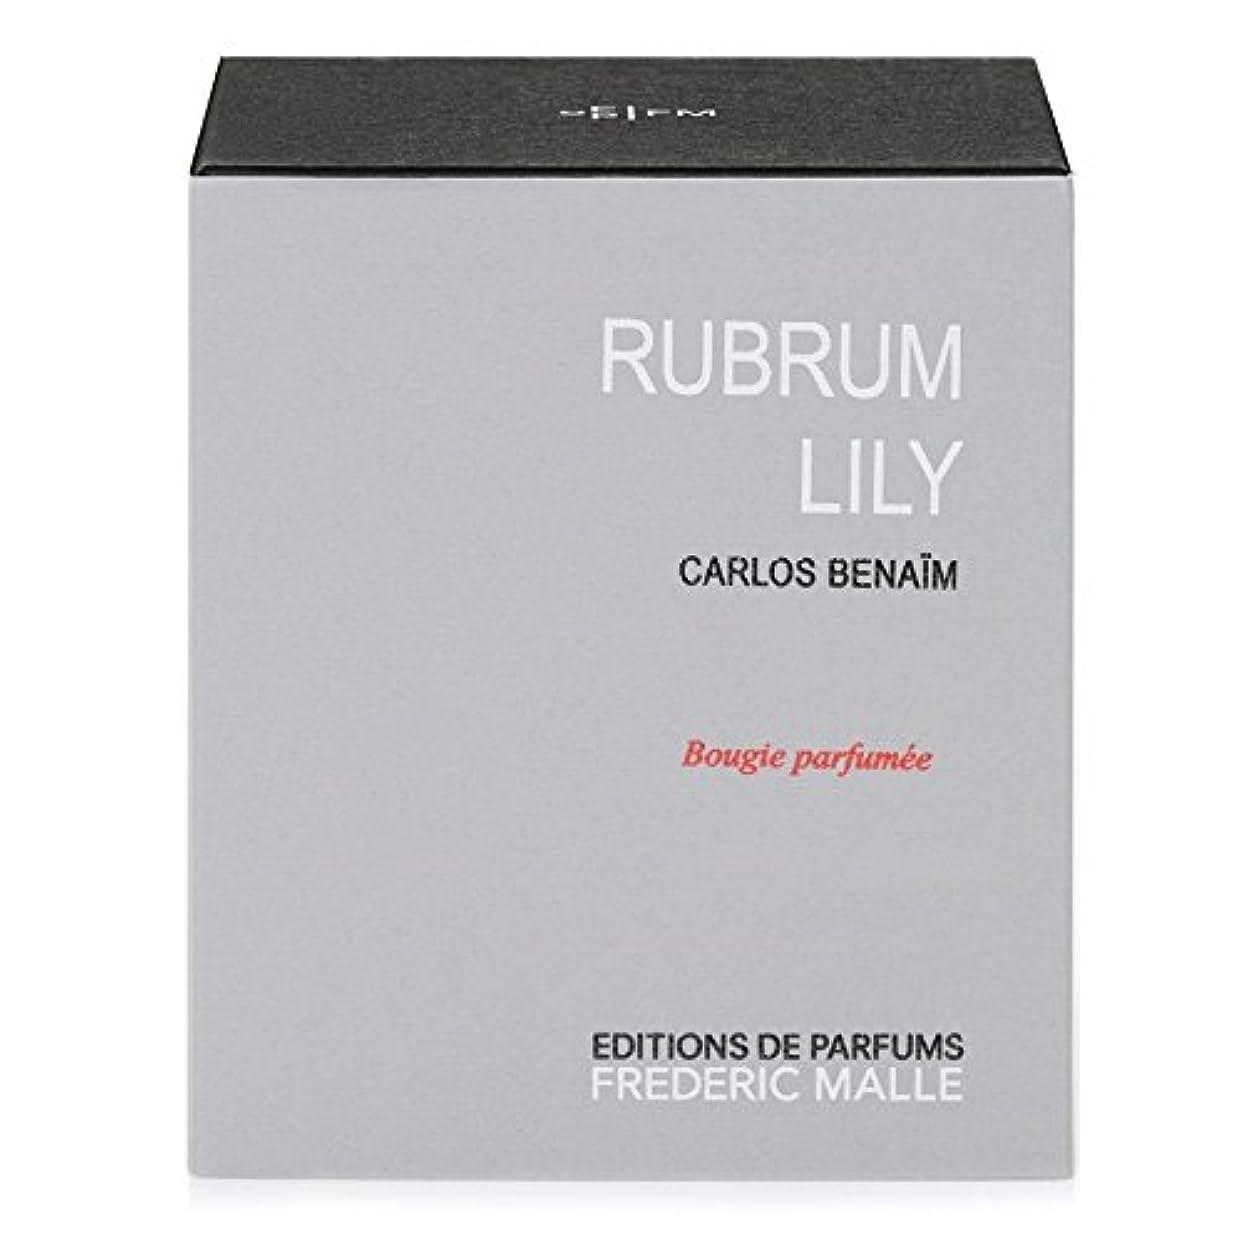 青消すぴったりFrederic Malle Rubrum Lily Scented Candle - フレデリック?マルルブルムユリの香りのキャンドル [並行輸入品]